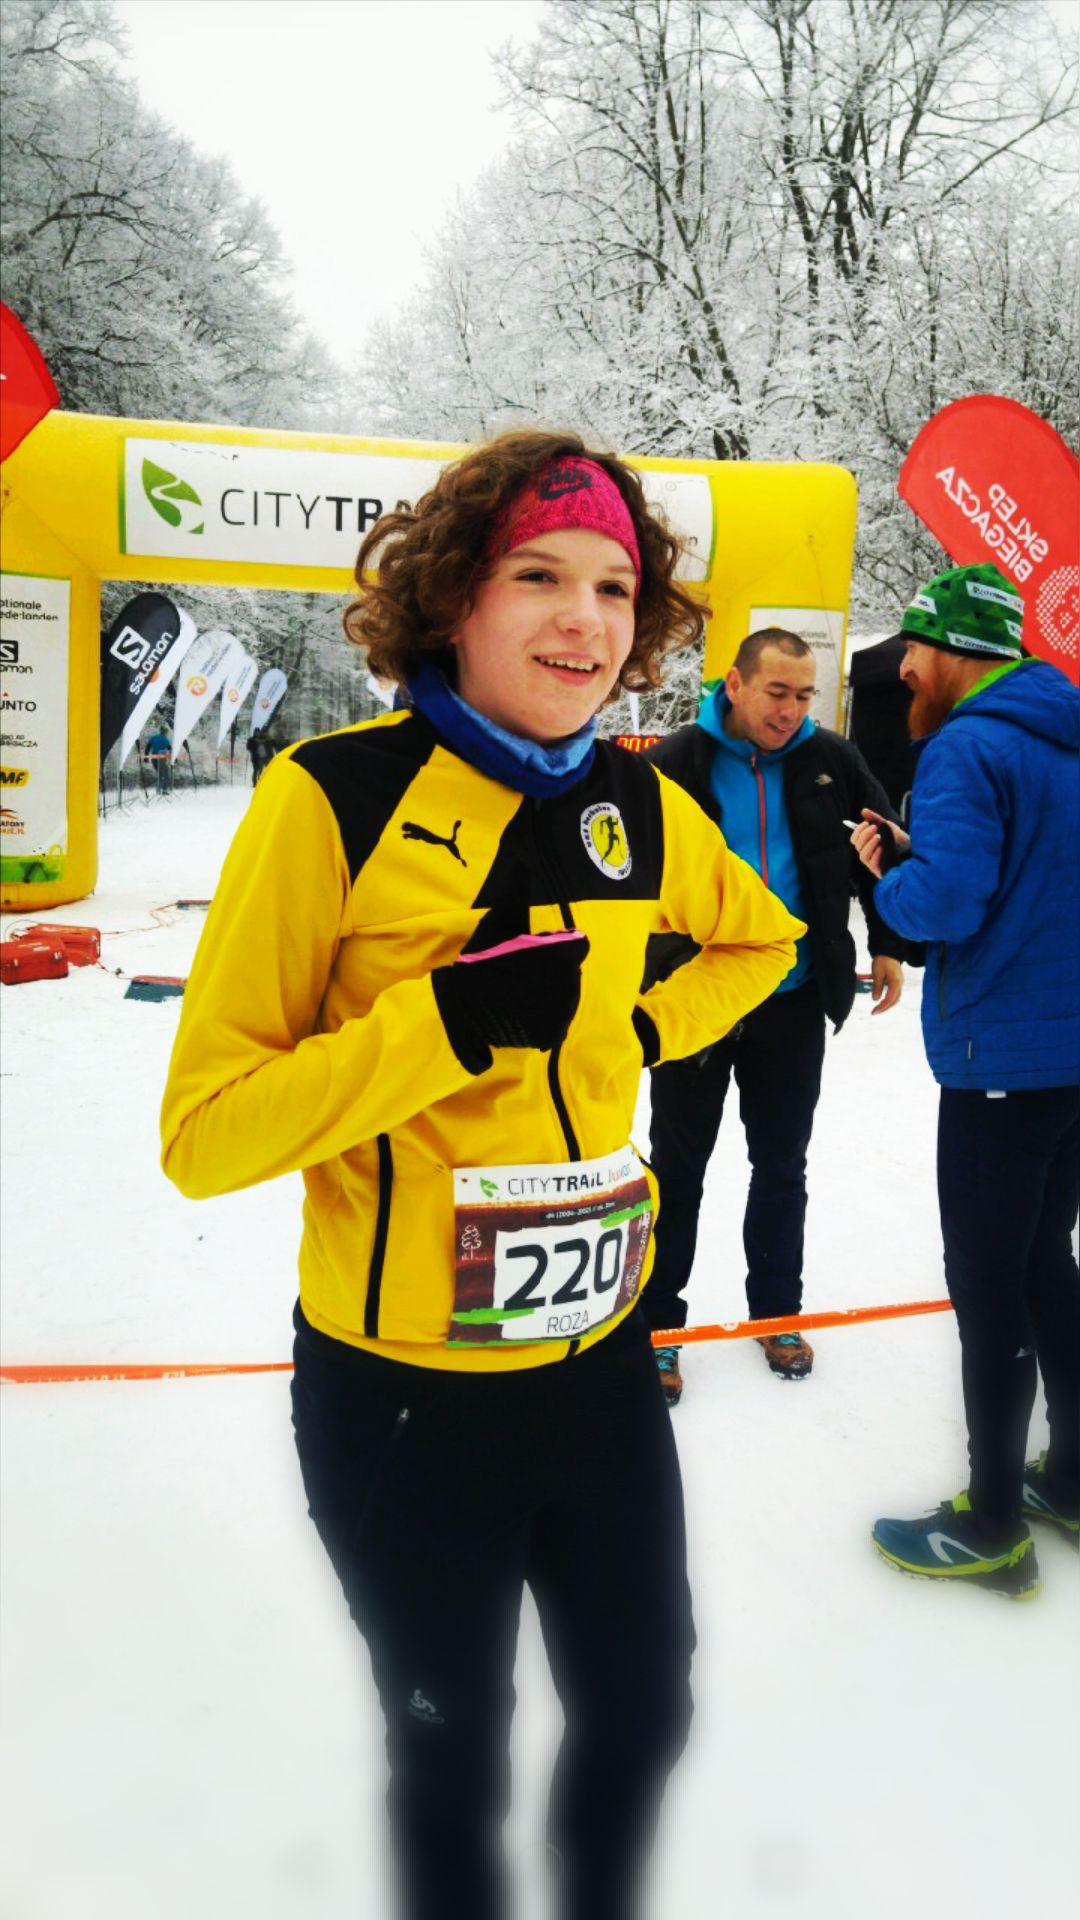 Róża Abramowicz, roza, biegi city trail, sulejówek, klub sportowy uks sulejówek